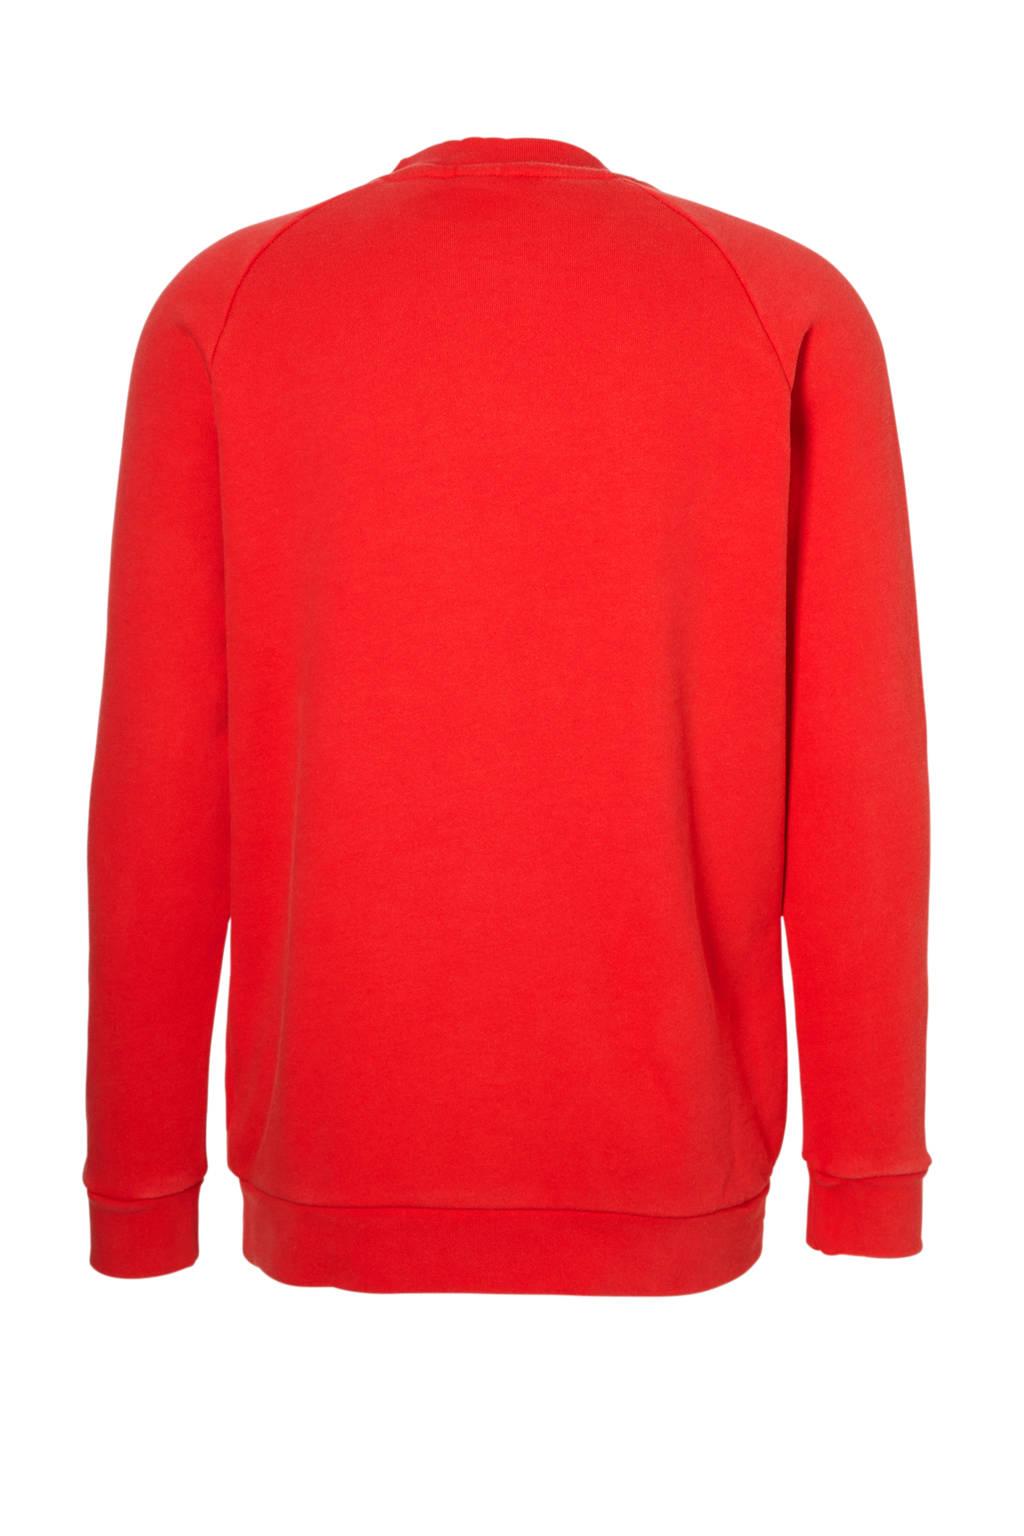 adidas Originals   sweater rood, Rood